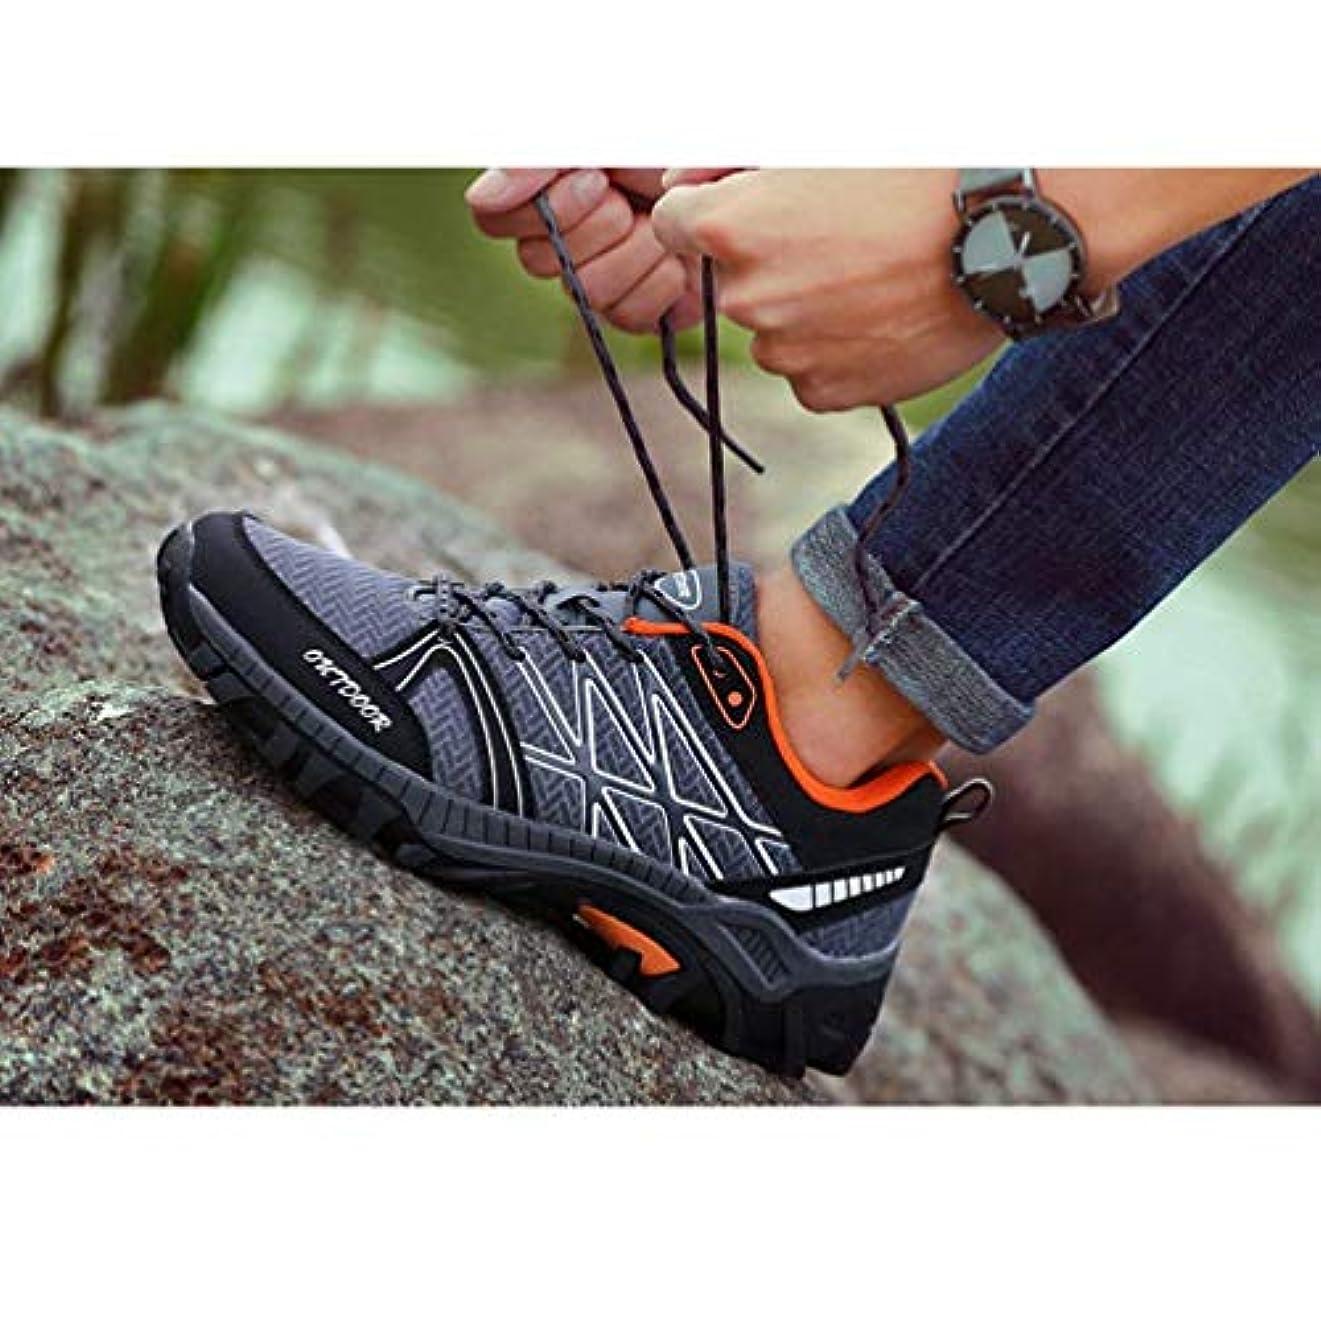 鮮やかなアフリカ聞きます[lovelyyou] 登山靴 メンズ トレッキングシューズ 山登り キャンプ ハイキング アウトドアシューズ 防滑 軽量 耐久性 通気性 ブルー グリーン グレー